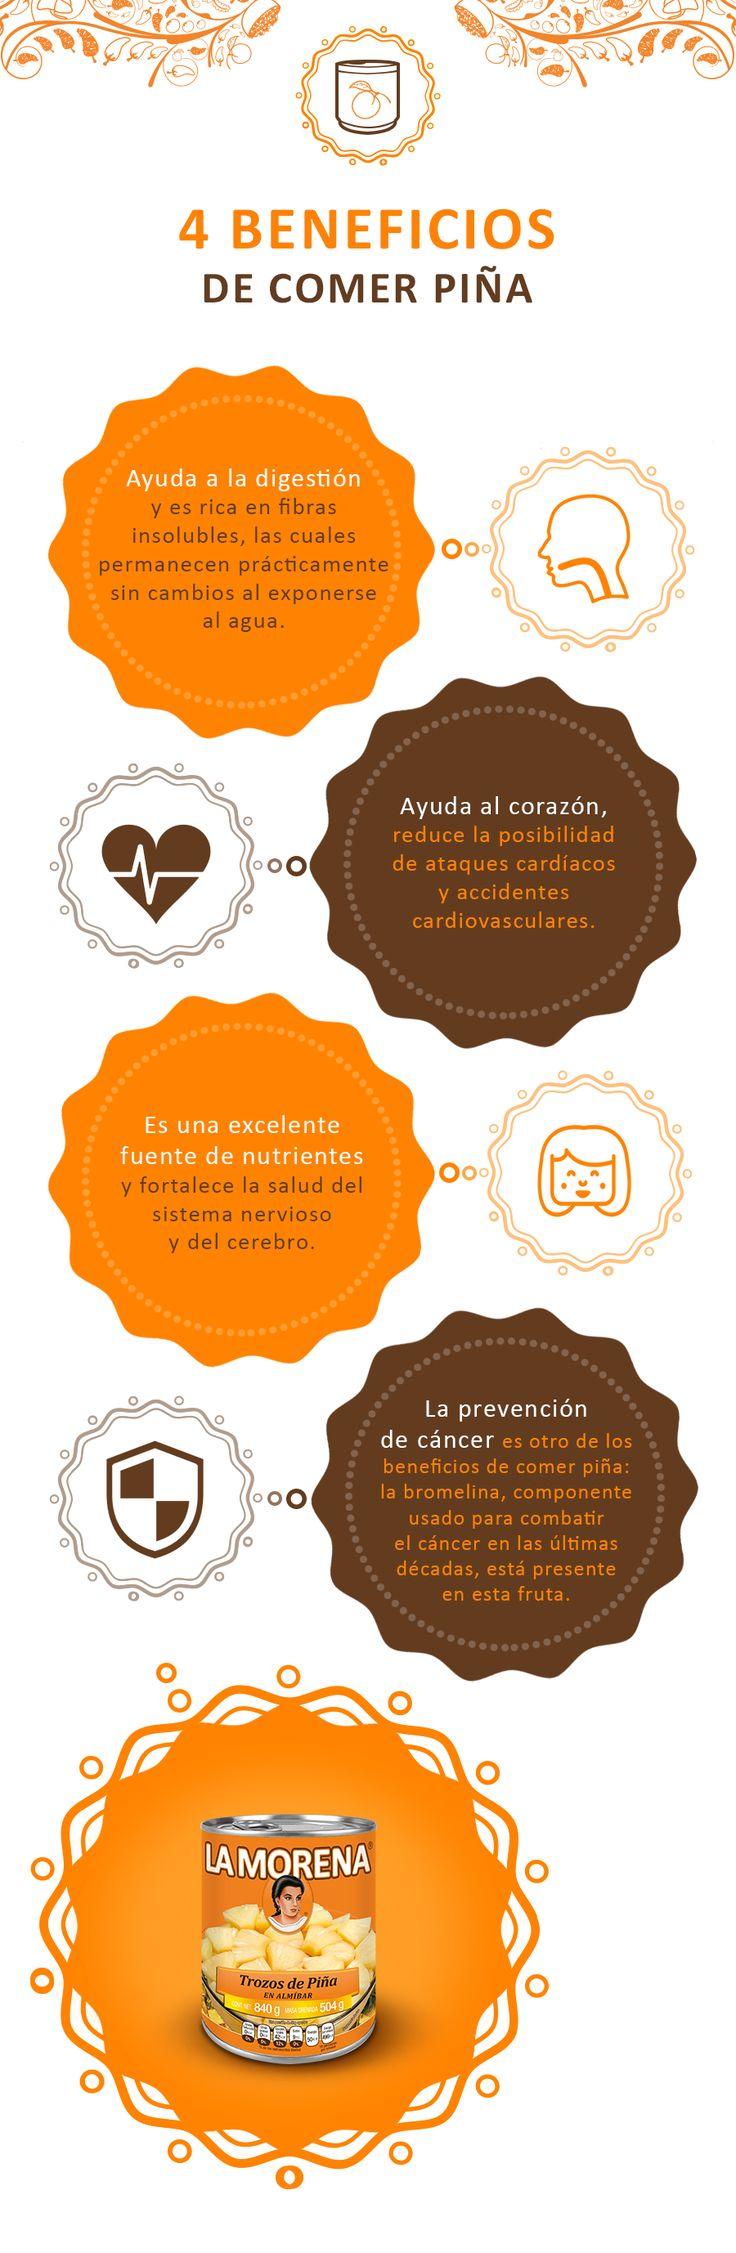 La piña aporta grandes cantidades de fibra, además de vitamina C, por lo que es una opción recomendable para acabar con el estreñimiento.